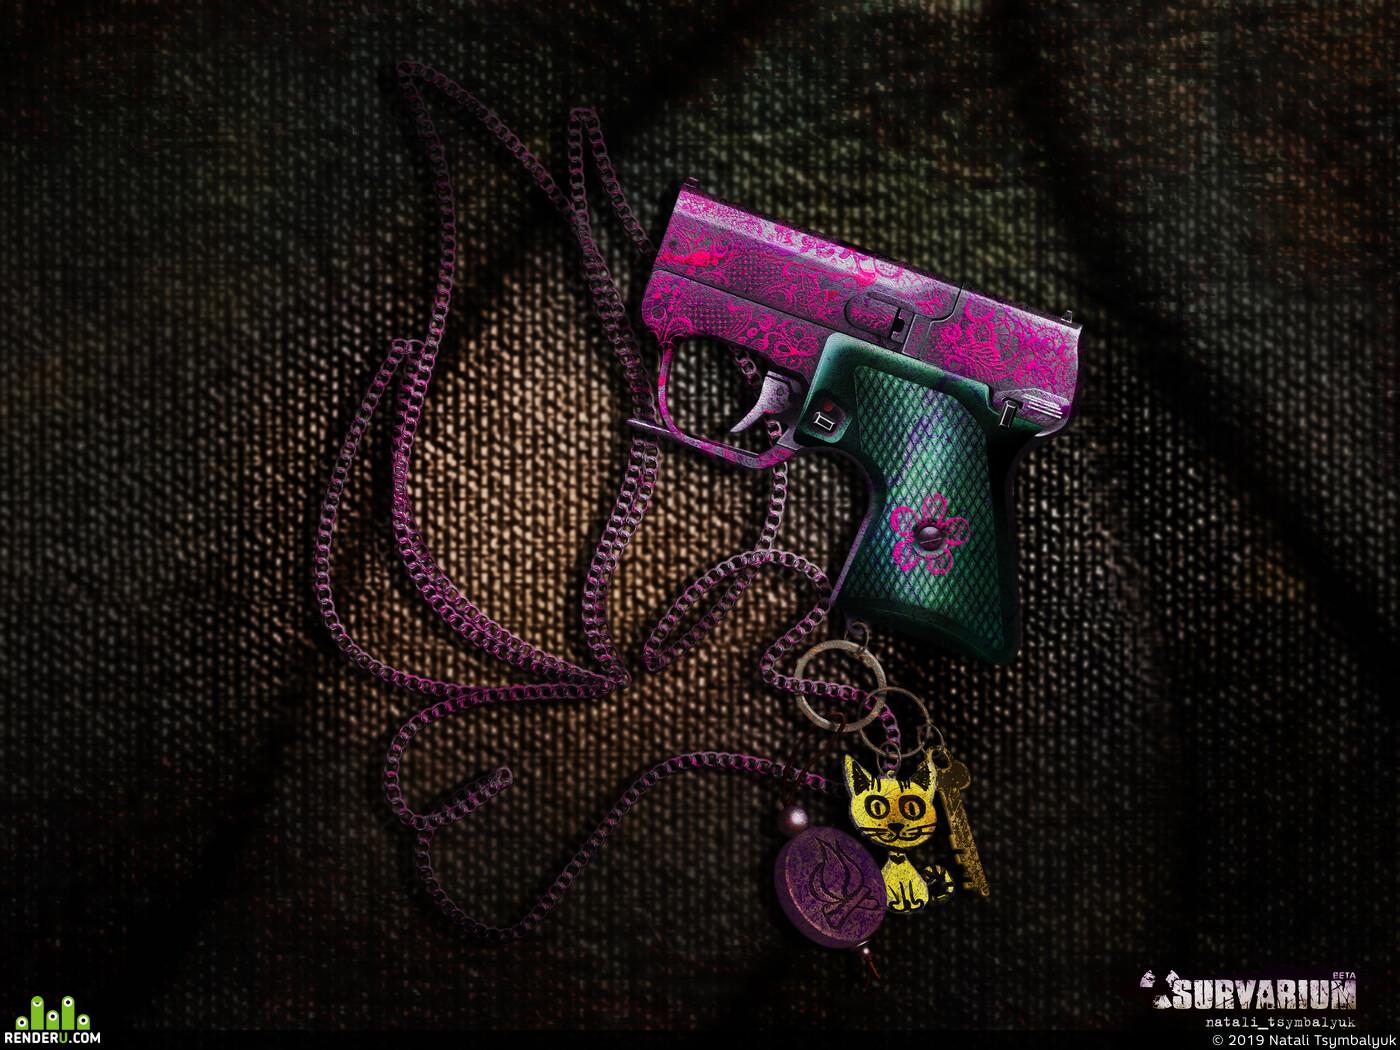 пистолет, мсп, Советский, концепт, арт, дизайн, розовый, женский, детский, постапокалипсис